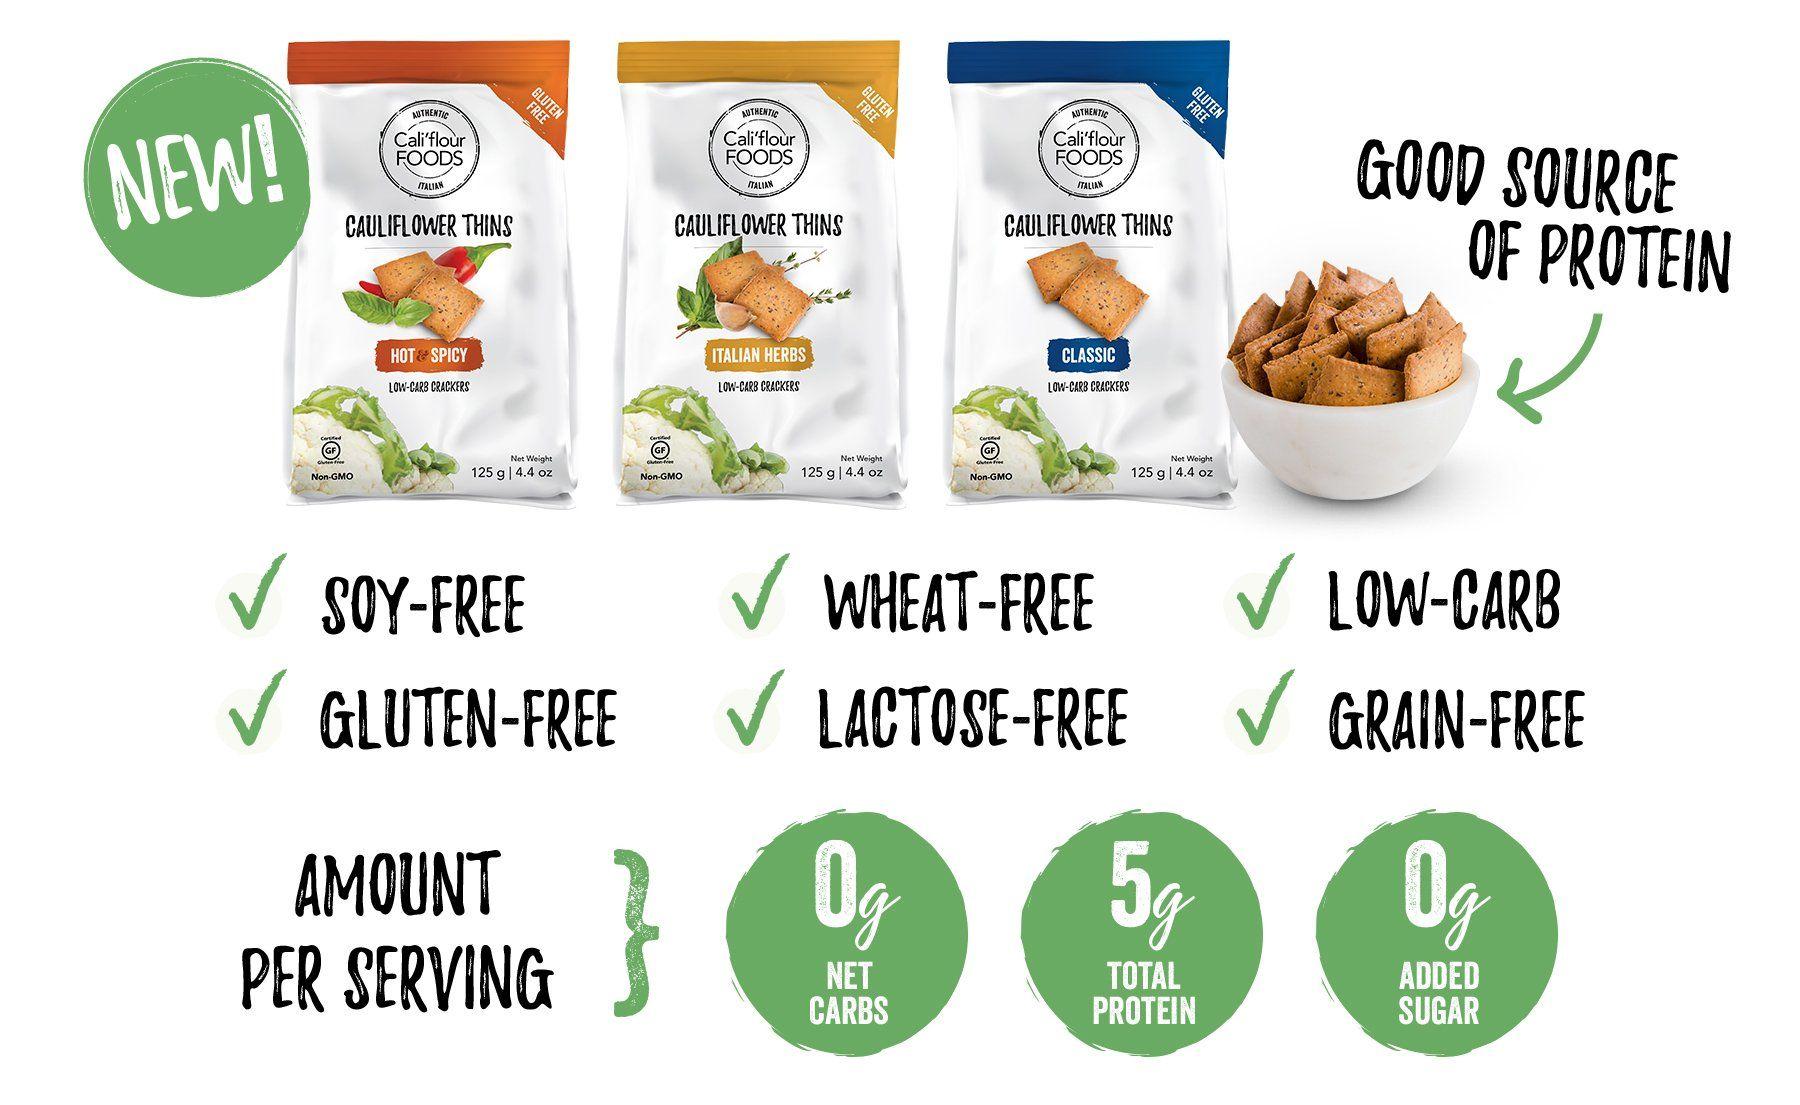 Cauliflower Thins Cali Flour Foods Spicy Almonds Gluten Free Grains Heart Healthy Diet